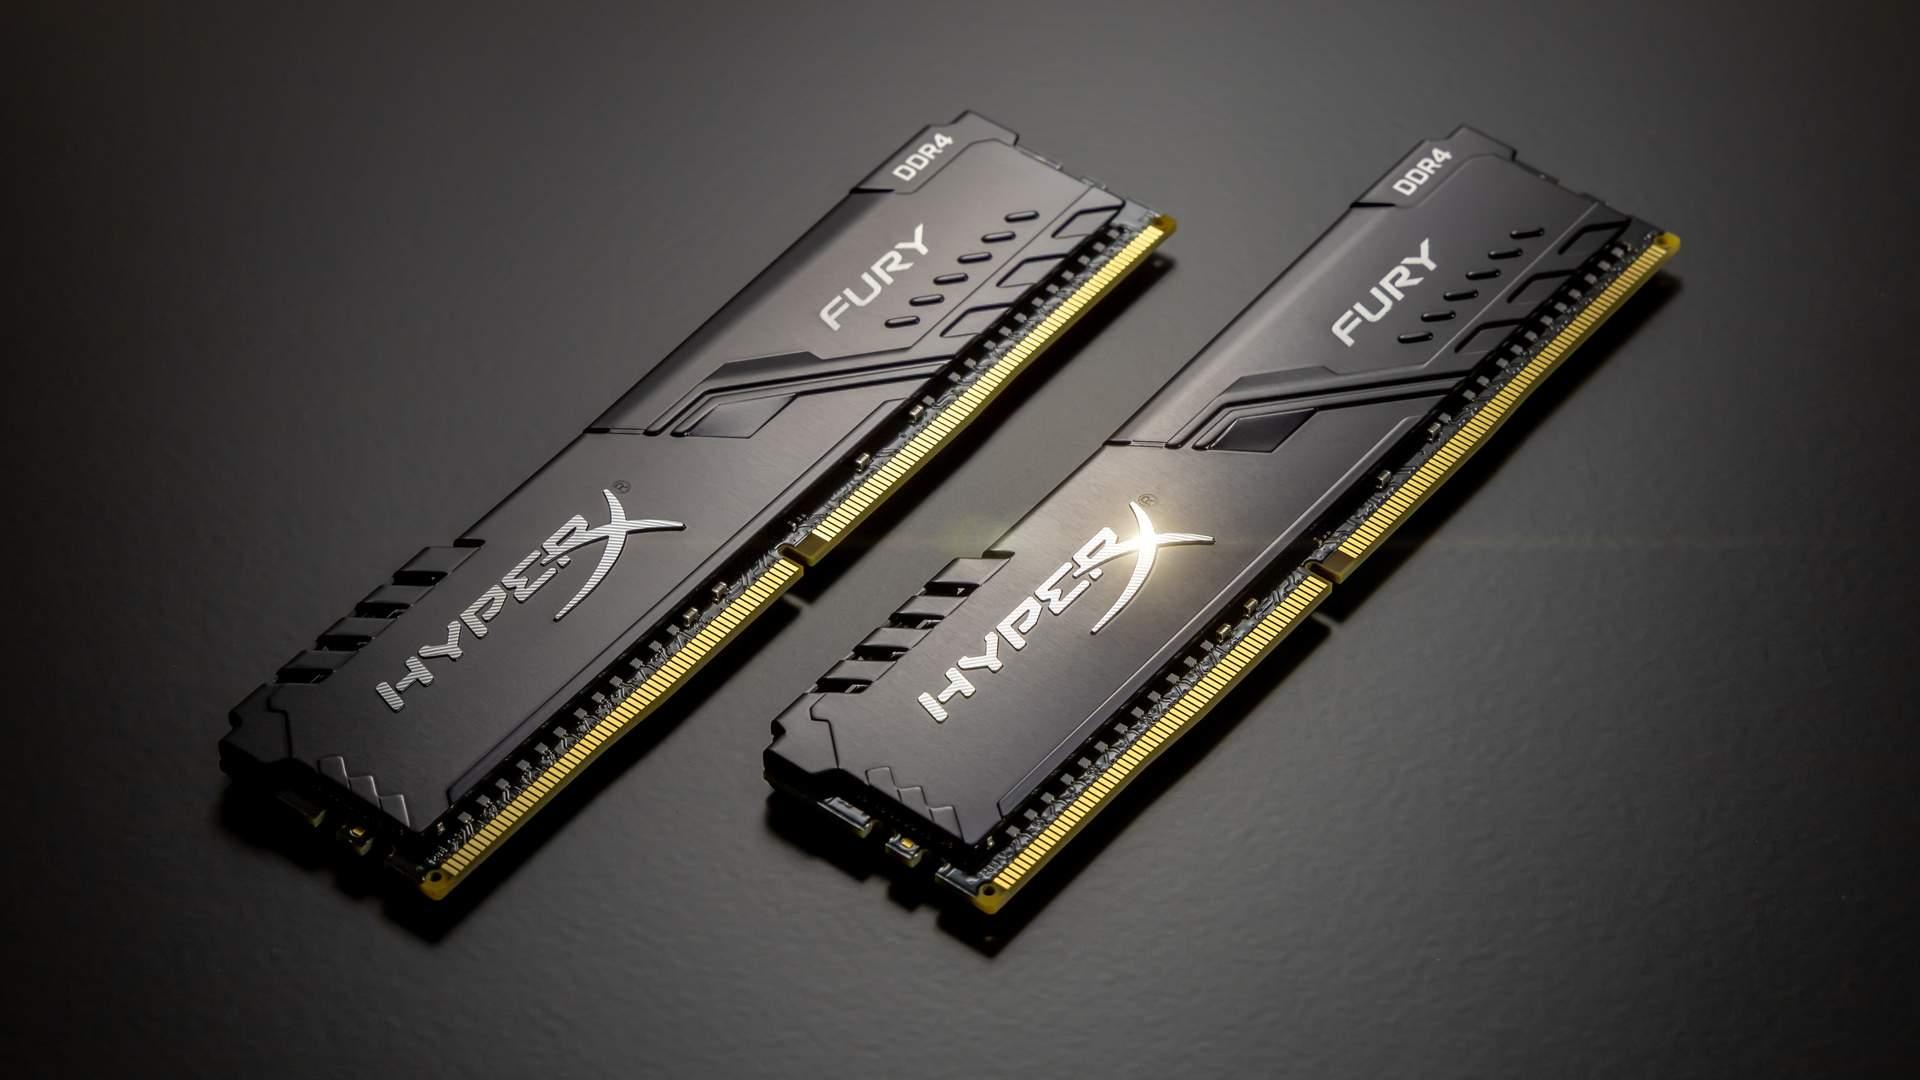 Duas placas de memória RAM da marca HyperX em uma mesa preta